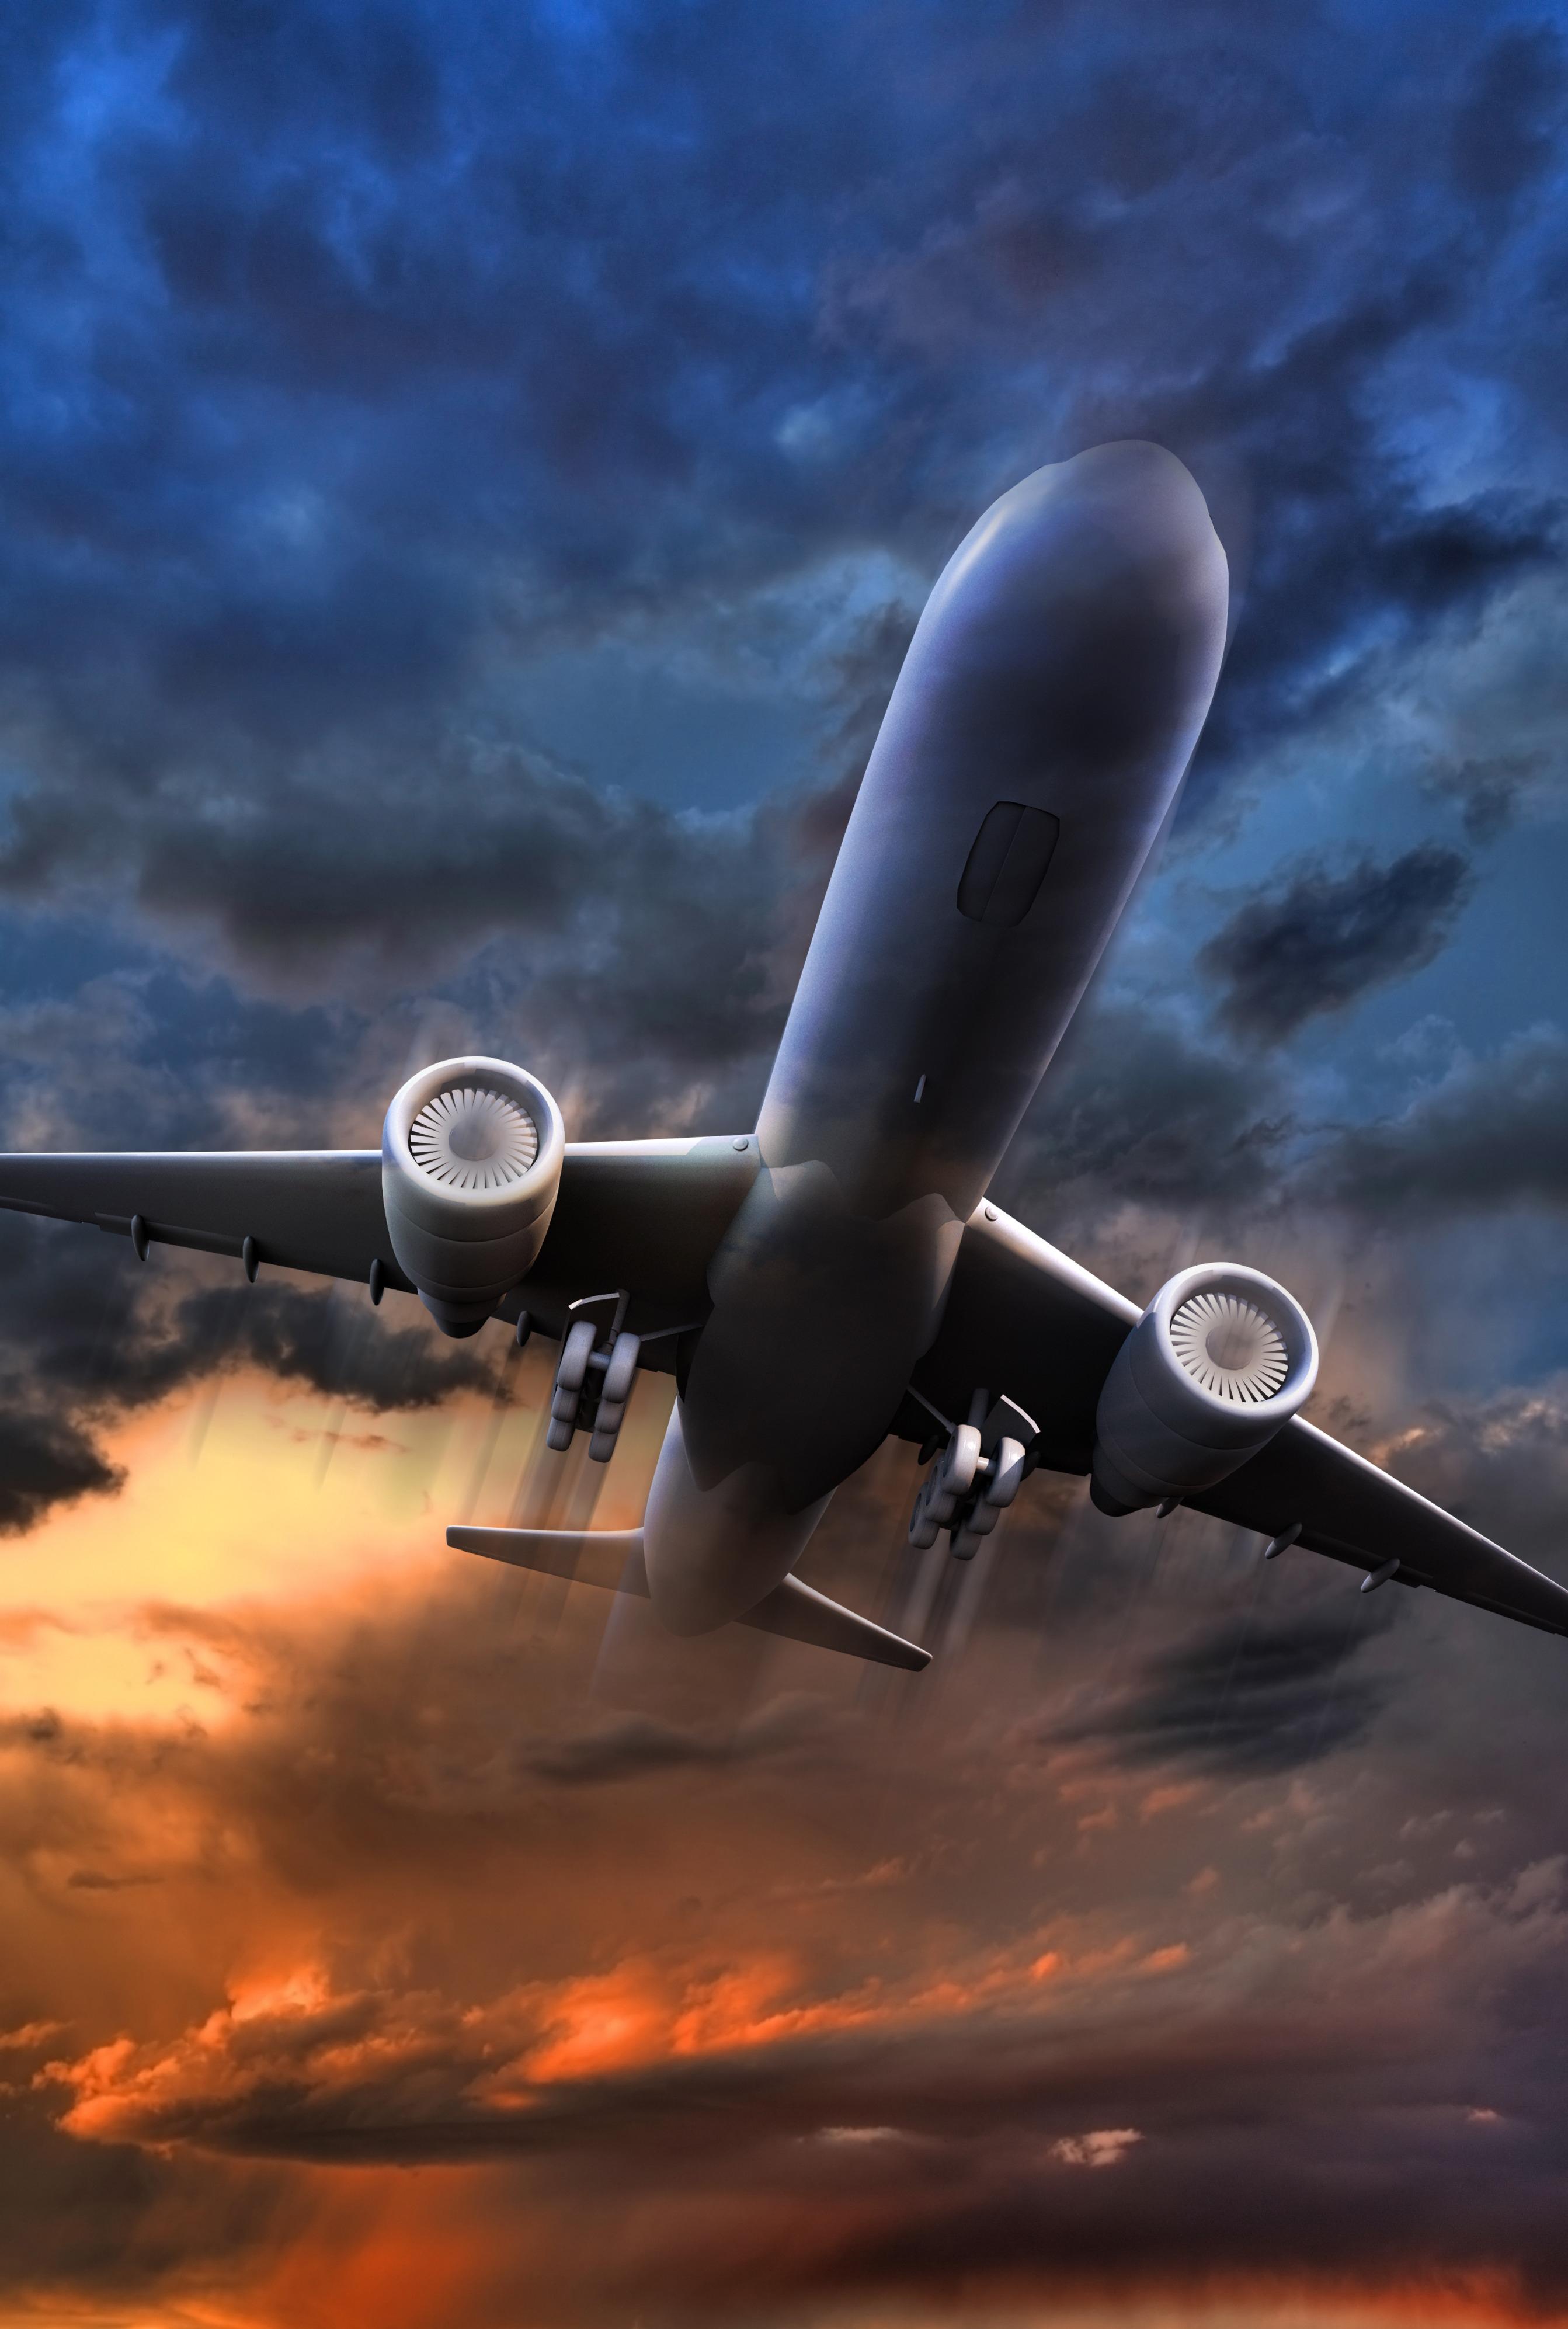 airliner-take-off-illustration_Gked6_SO.jpg